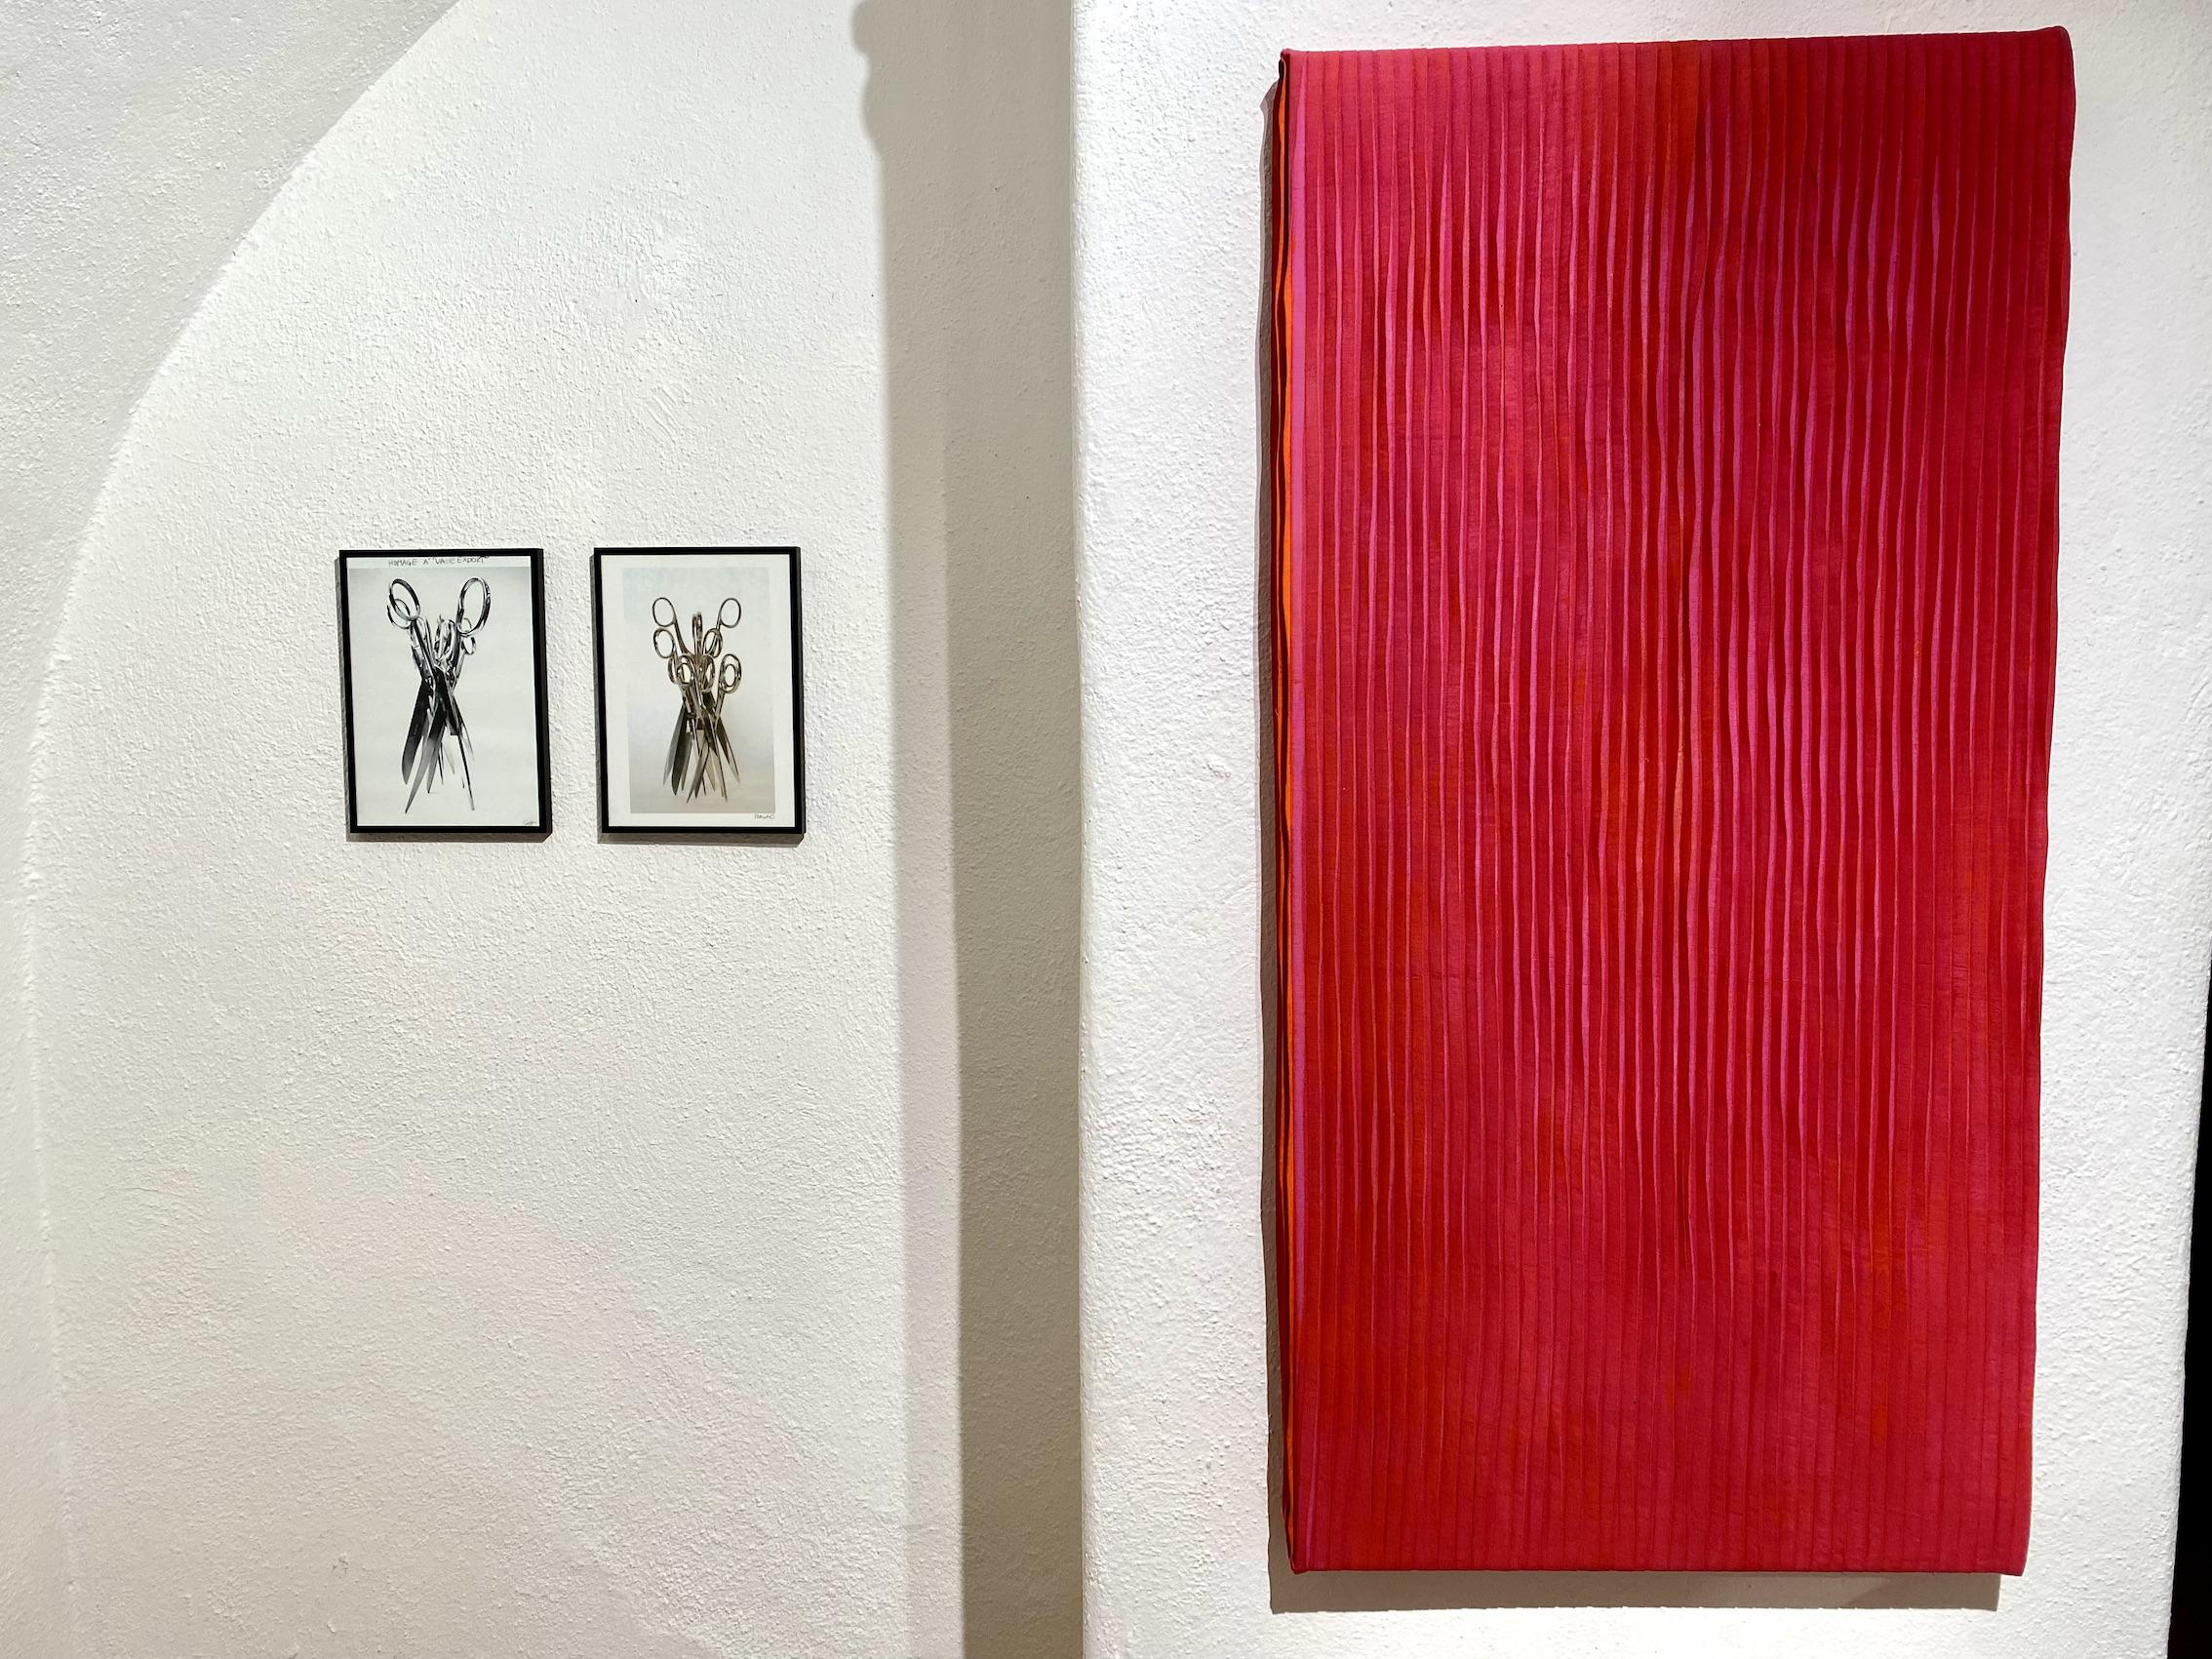 Bettina Schülke_Patrick Chan_Ausstellung_Galerie Frank Wien